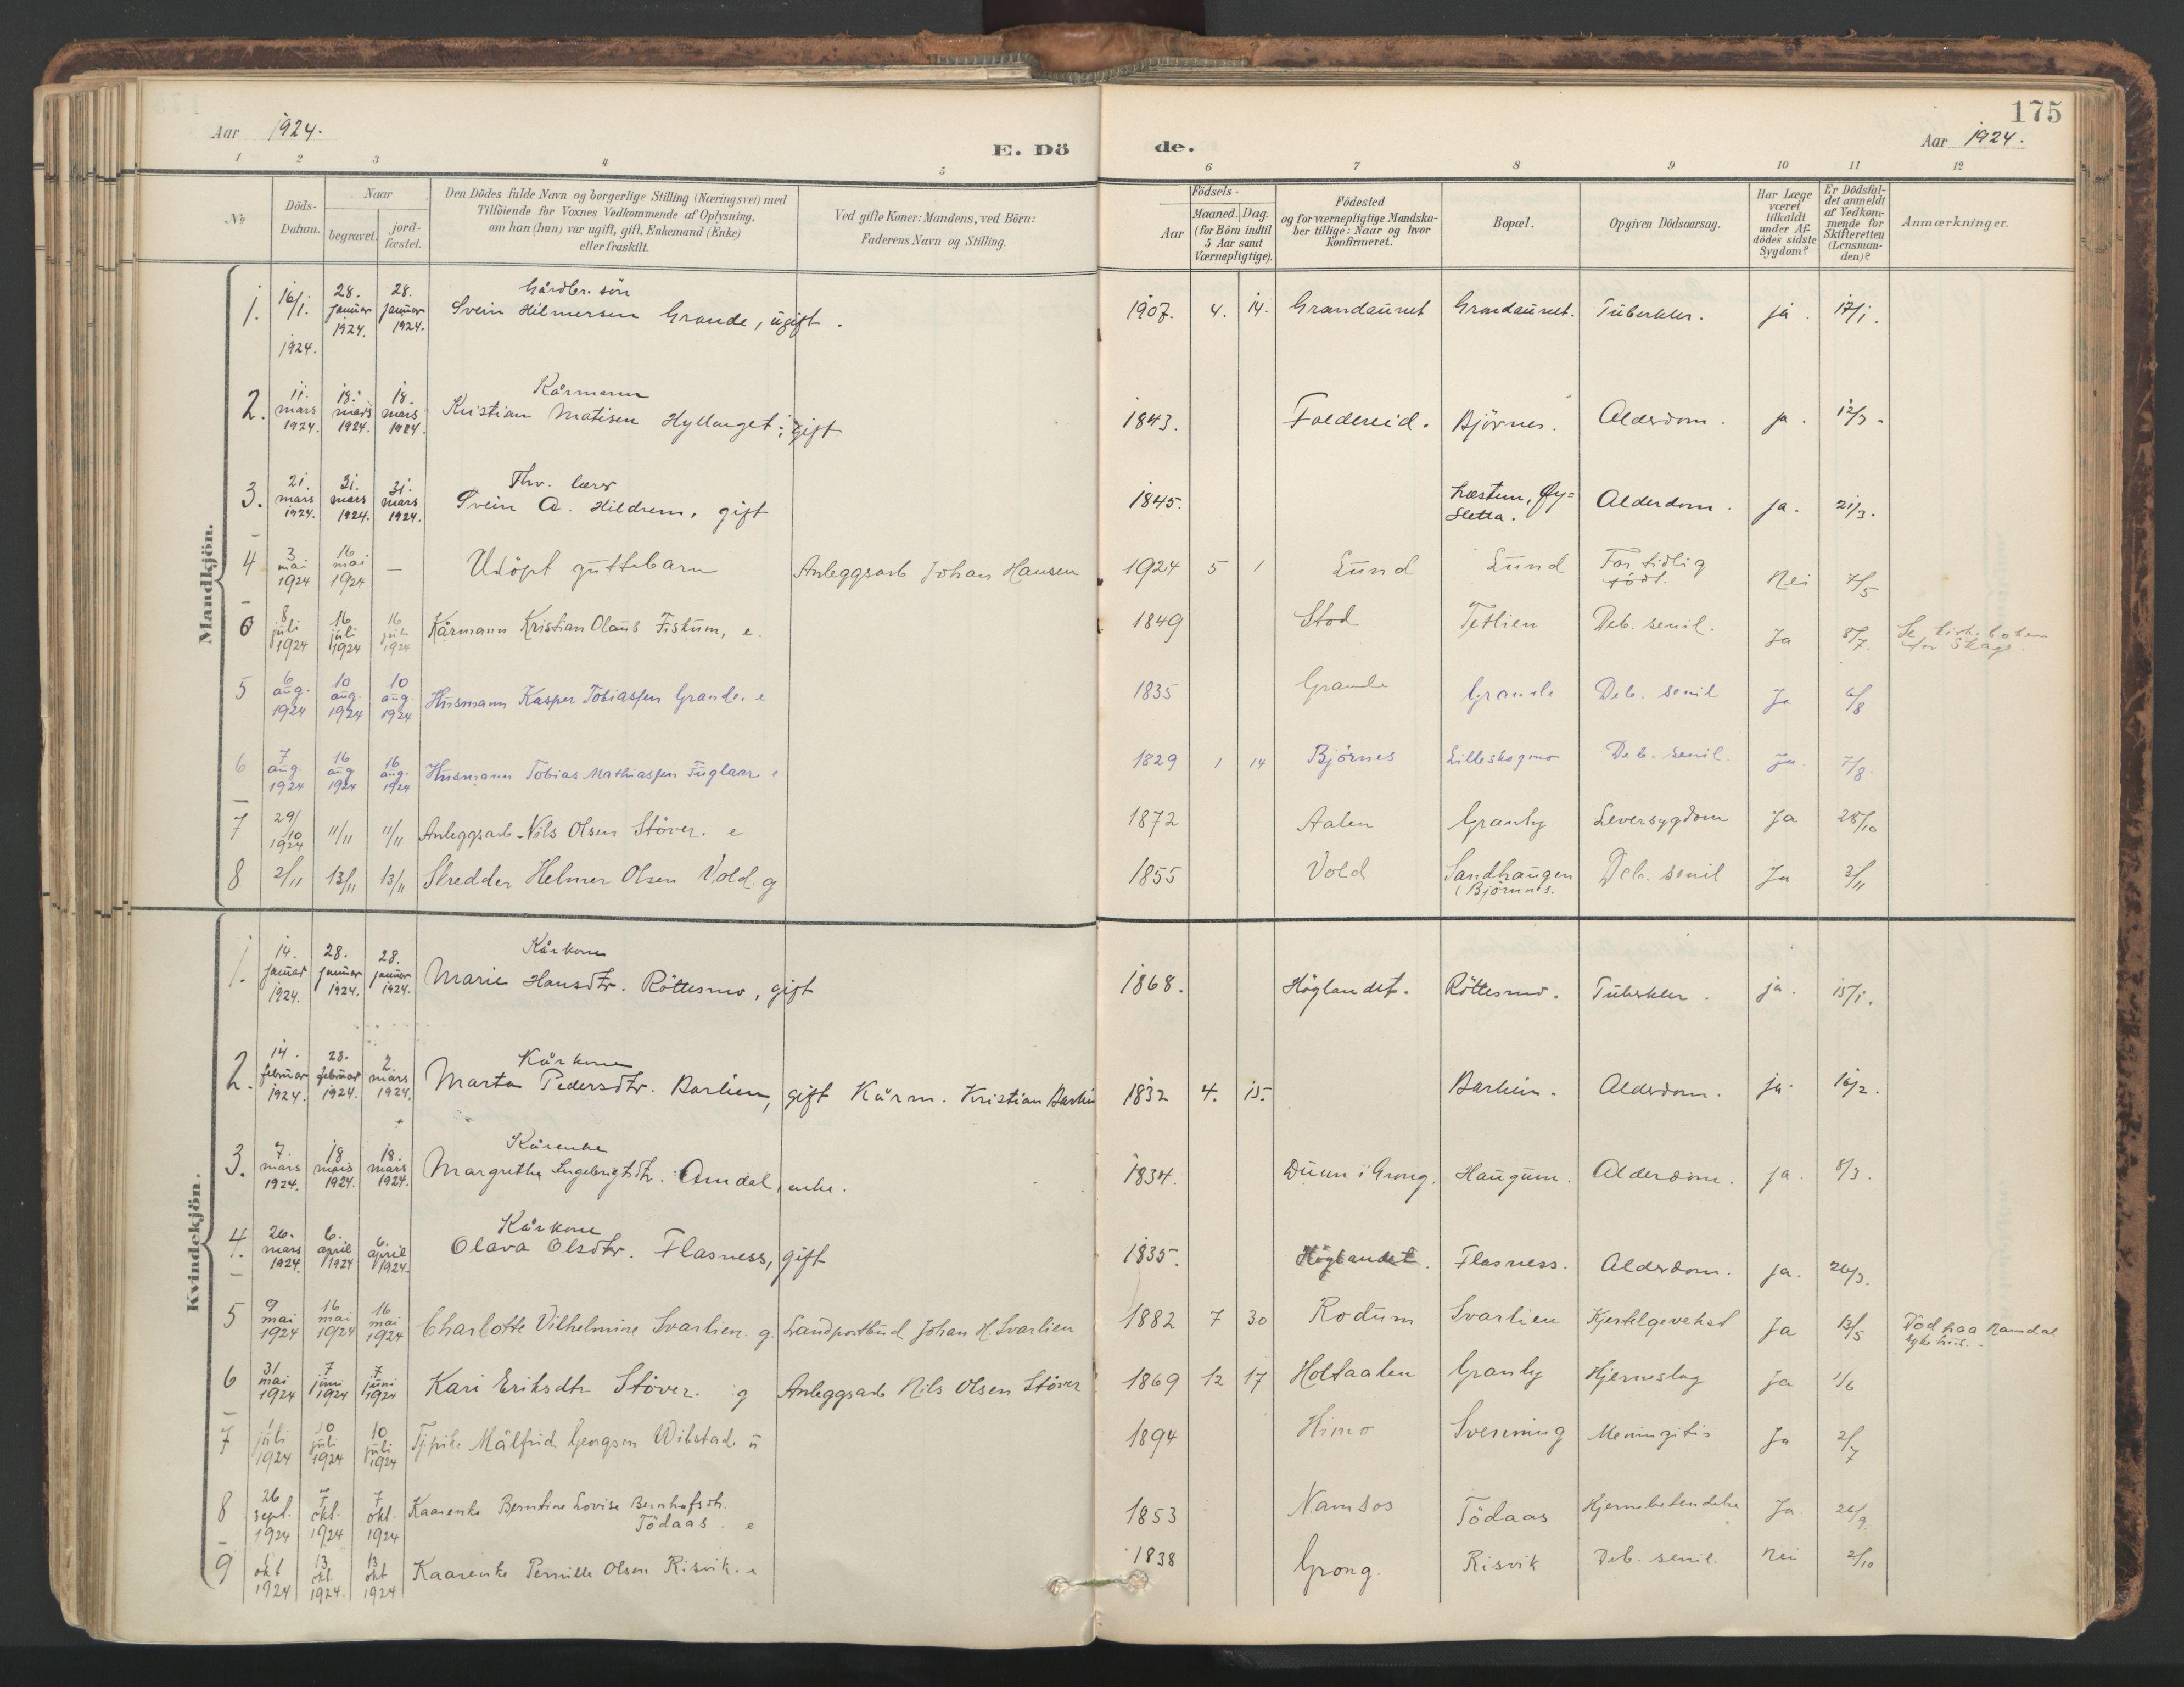 SAT, Ministerialprotokoller, klokkerbøker og fødselsregistre - Nord-Trøndelag, 764/L0556: Ministerialbok nr. 764A11, 1897-1924, s. 175